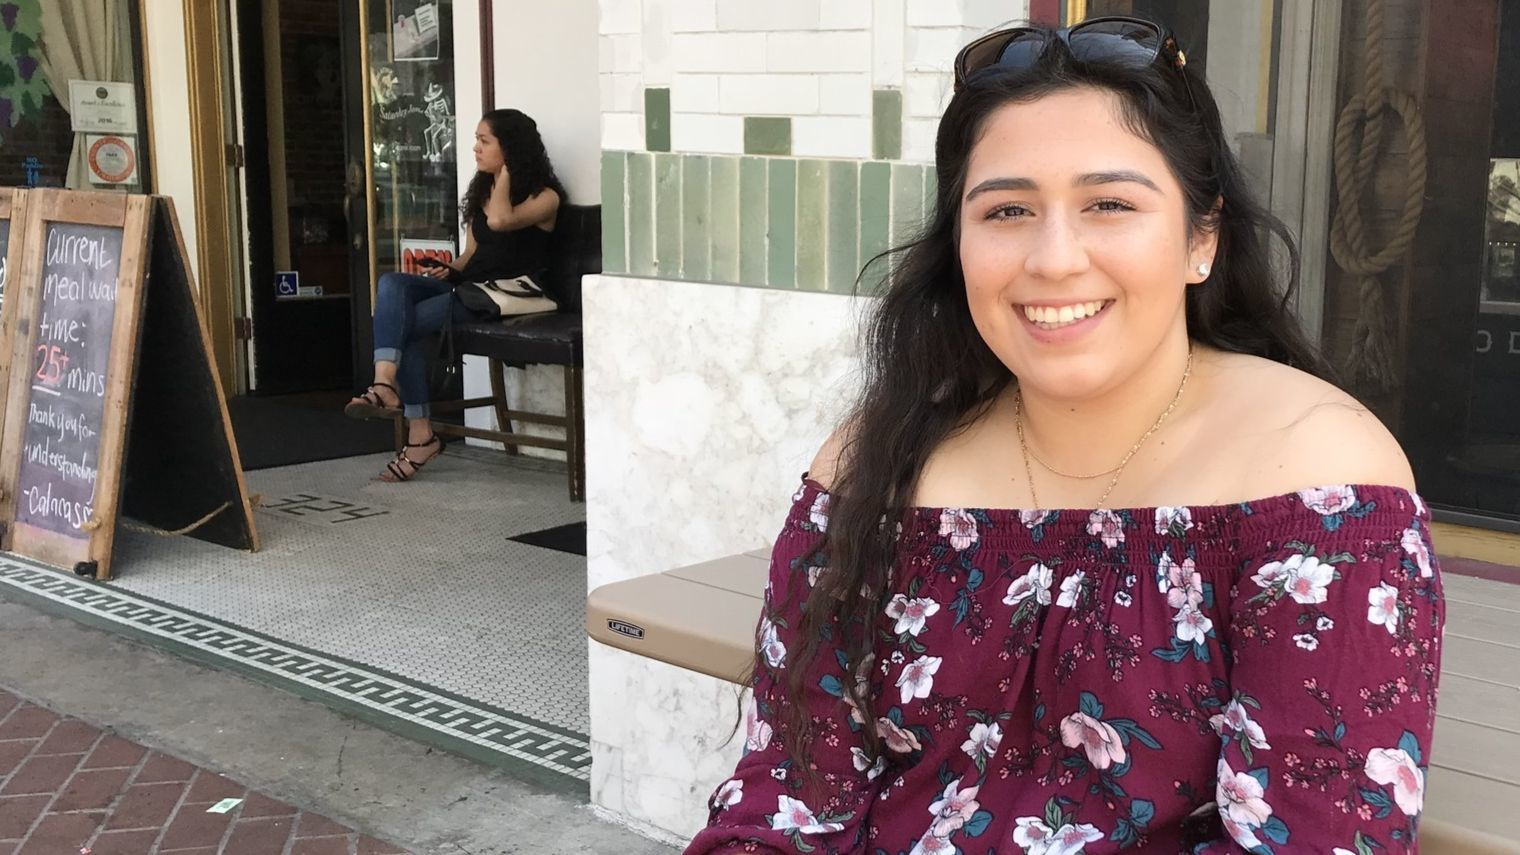 Julissa Prieto, 18, Santa Ana. Says she